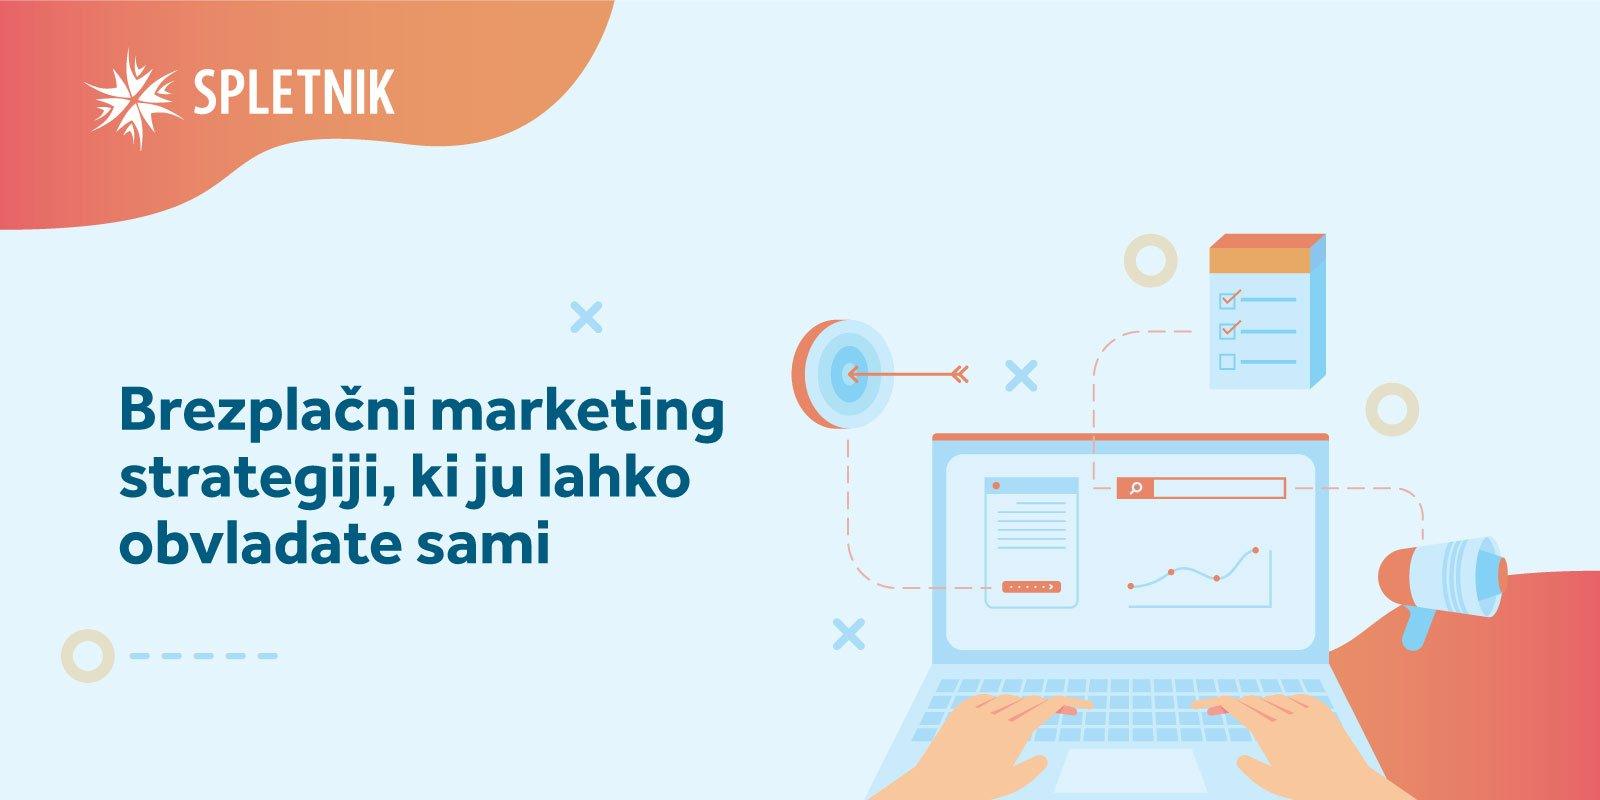 Brezplačni marketing strategiji